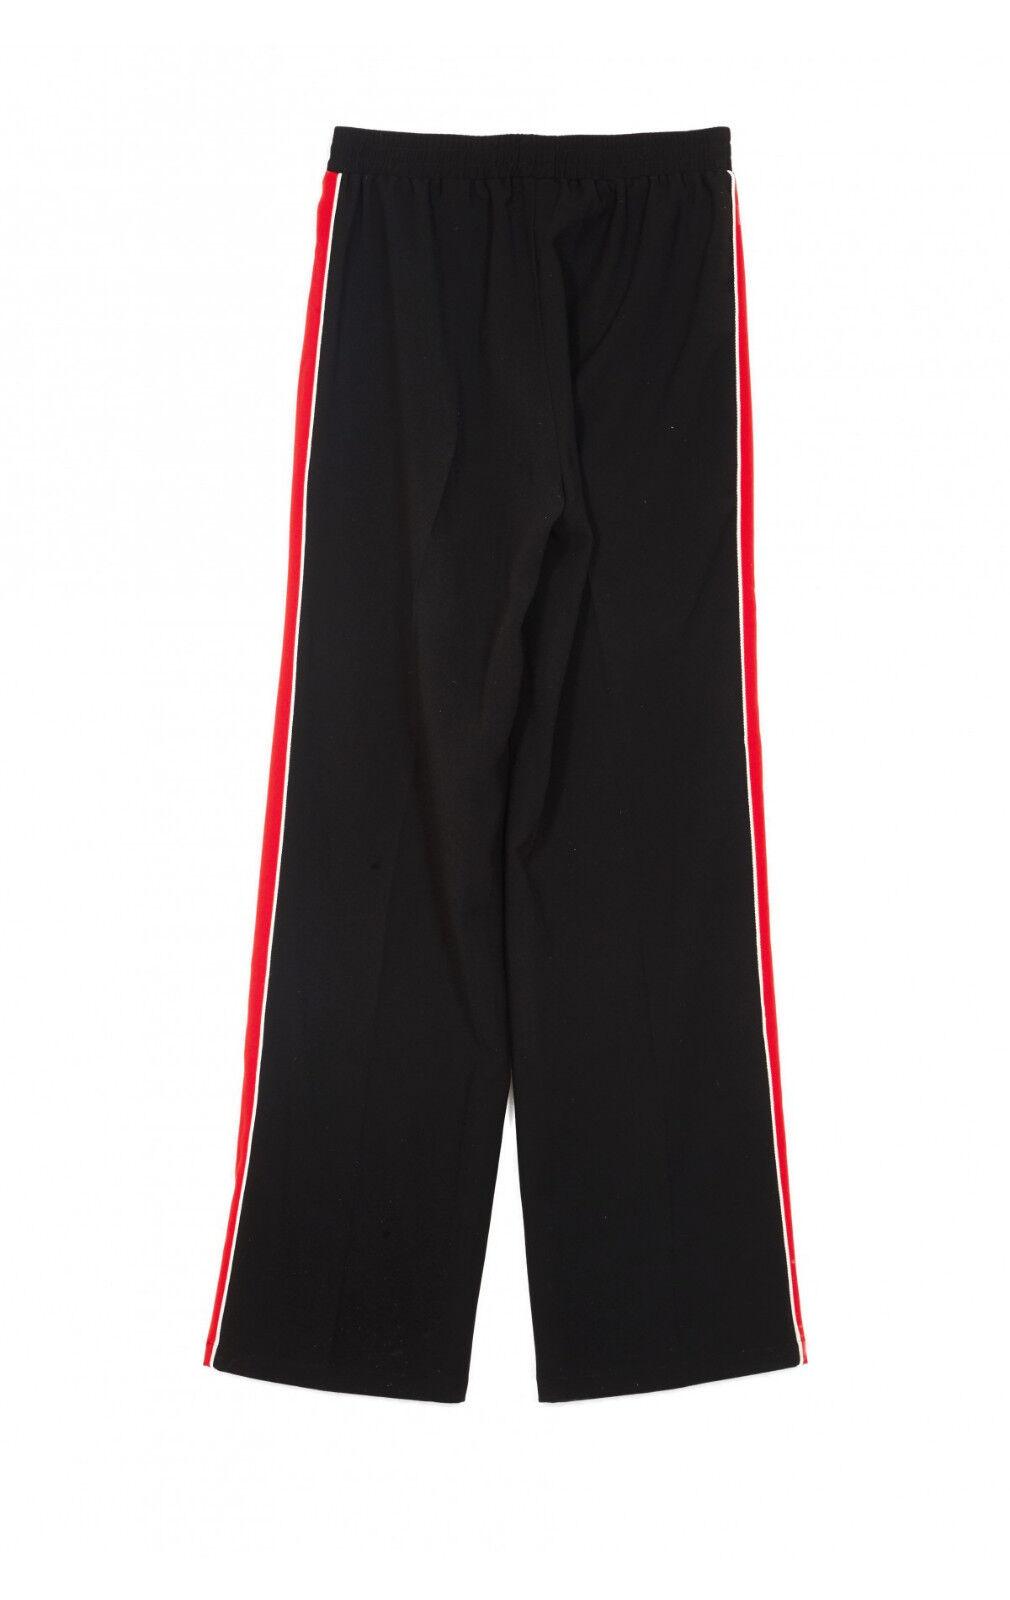 GRACE & MILA MILA MILA HIVER 2018- 2019   pantalon droit mod REMIX prix  (-30%) nero L 8bfd29